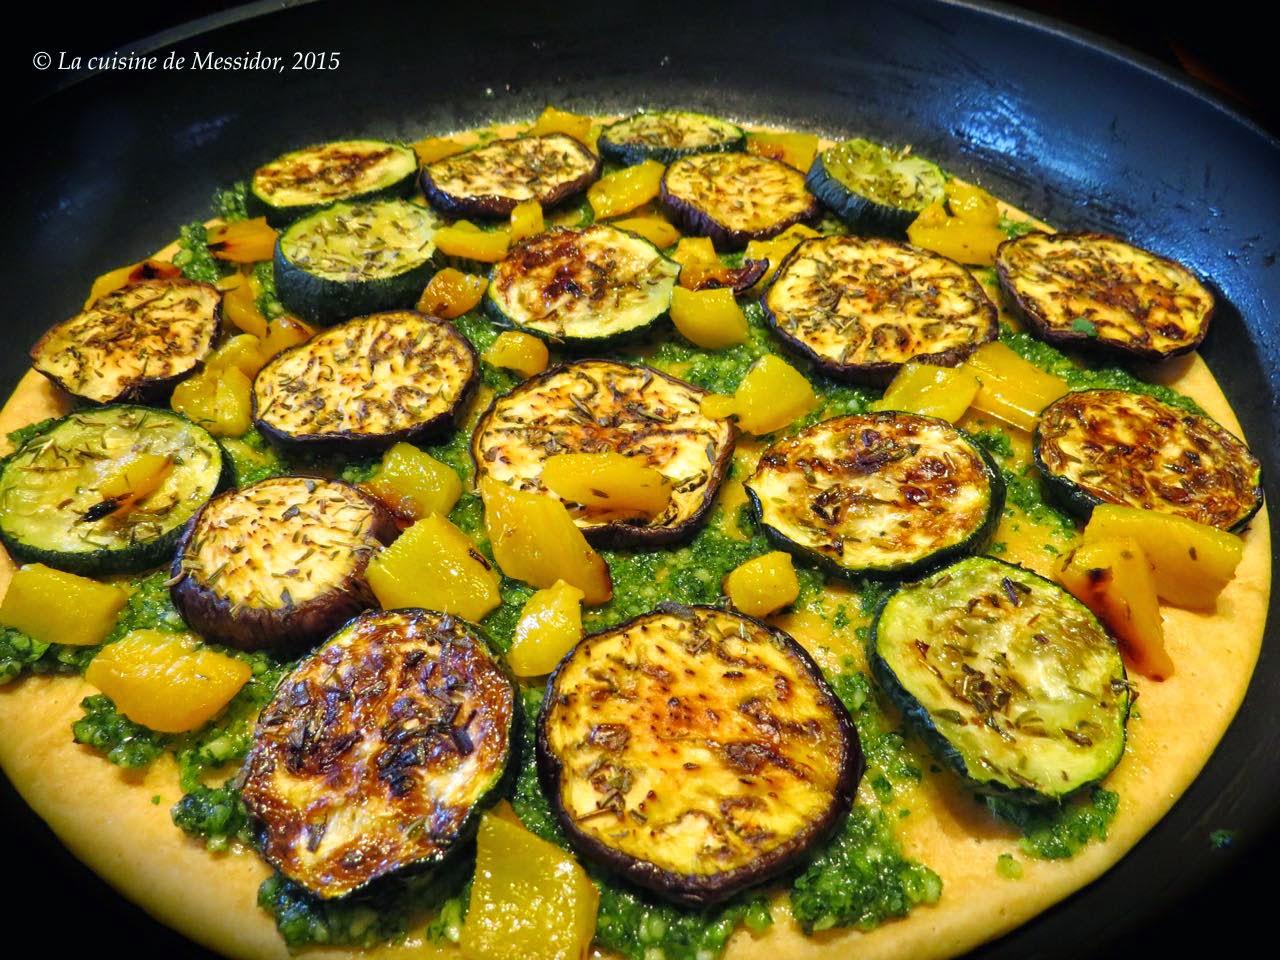 La cuisine de messidor cr pe pizza au pesto et aux l gumes grill s - Recette legumes grilles au four ...